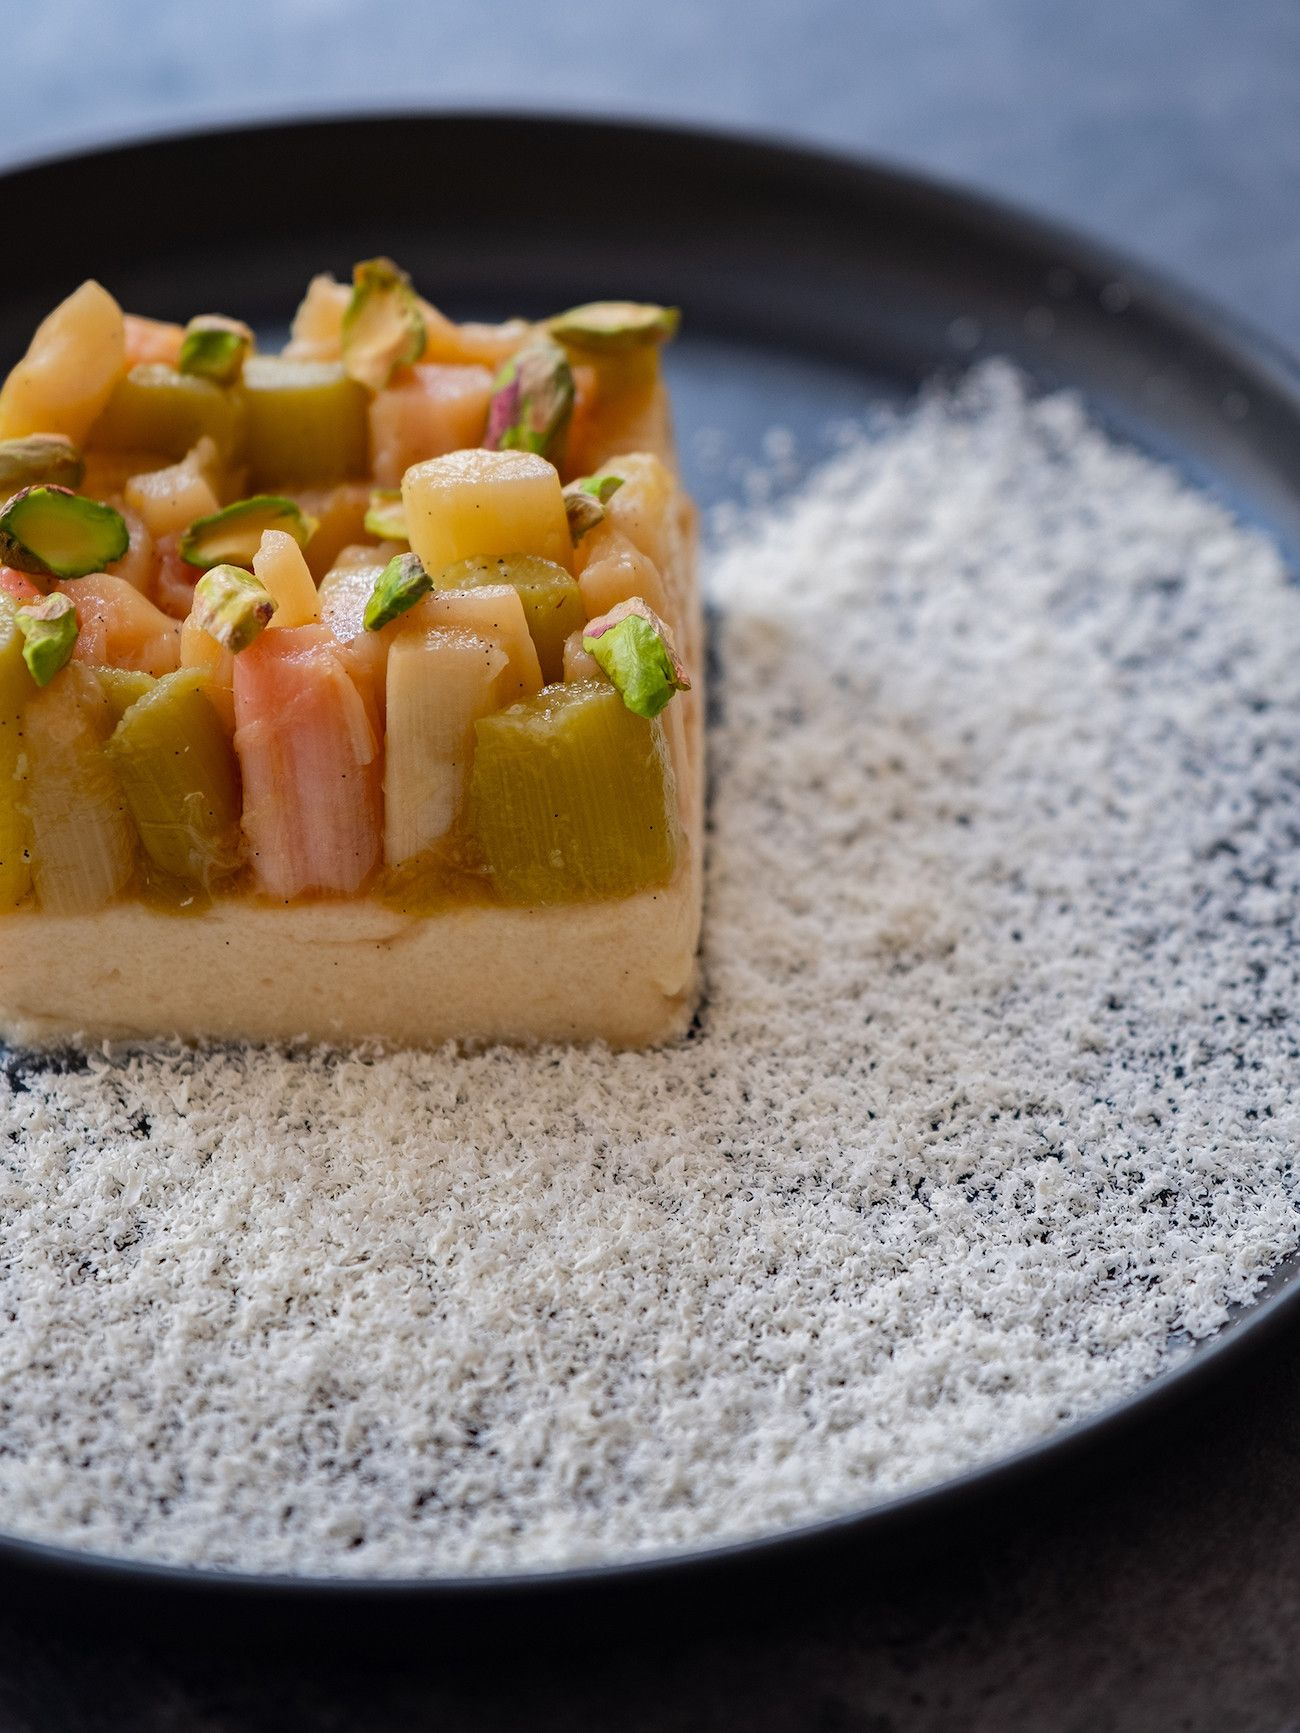 Foodblog About Fuel, Rezept Grießpudding Schnitte mit weißer Schokolade und Vanille-Rhabarber, Teller